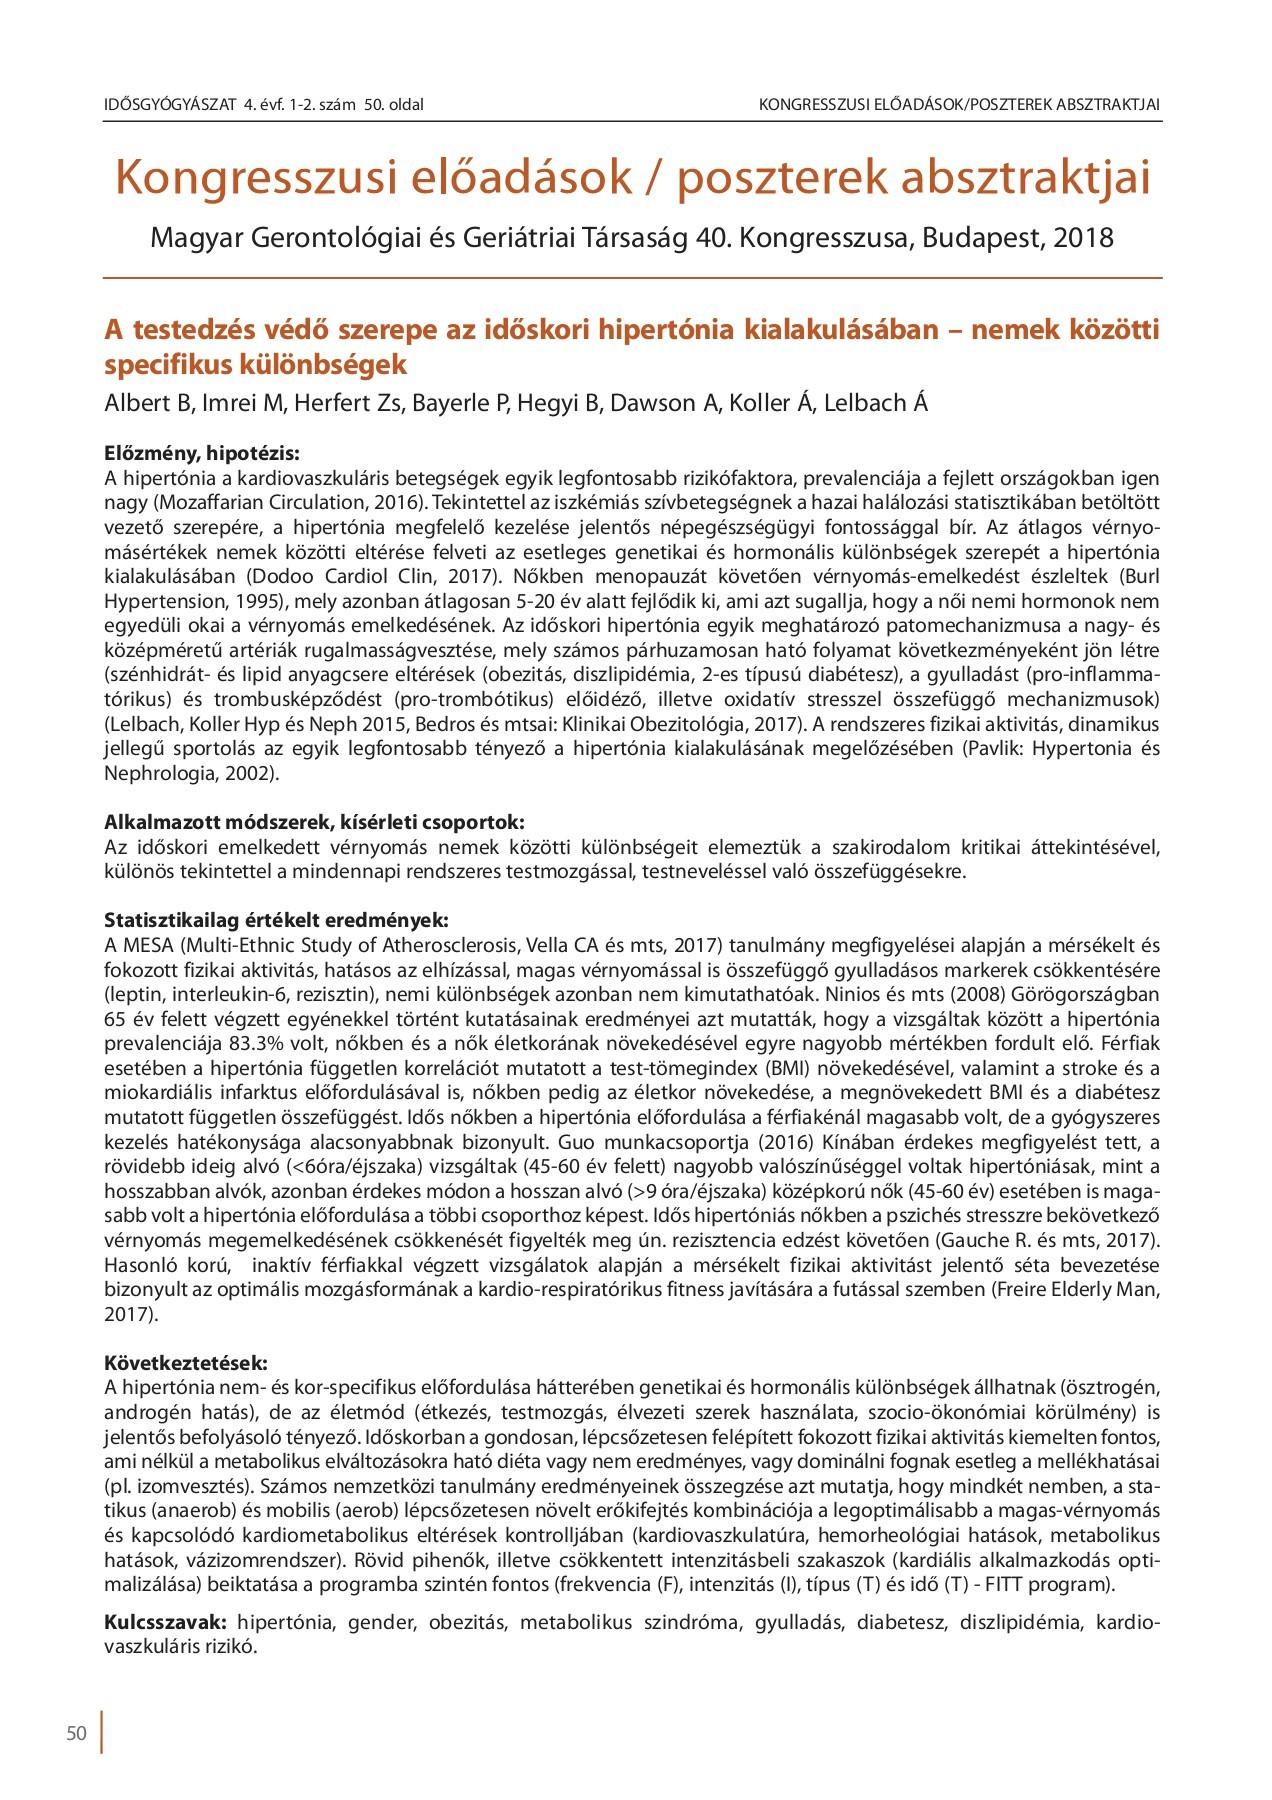 hipertóniás gyógyszerek kezelésének módszerei)